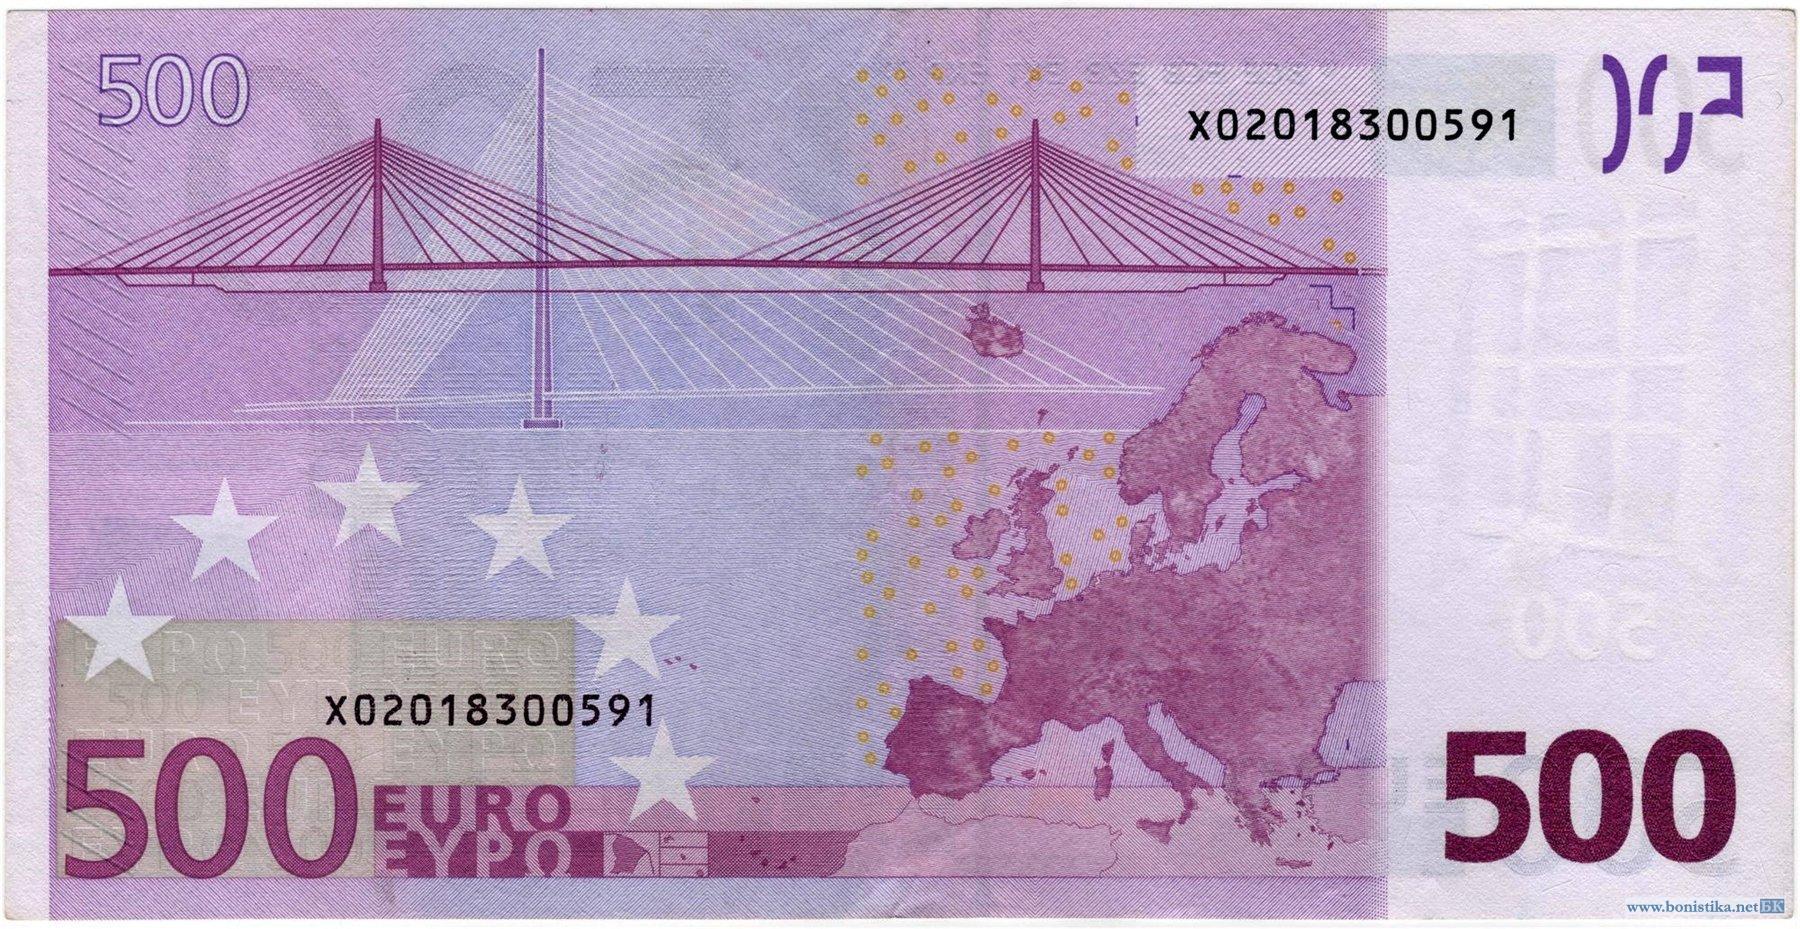 Банкнота 2002 года номиналом 500 евро: цвет – фиолетовый, архитектурный стиль – современная архитектура. Источник https://bonistika.net/